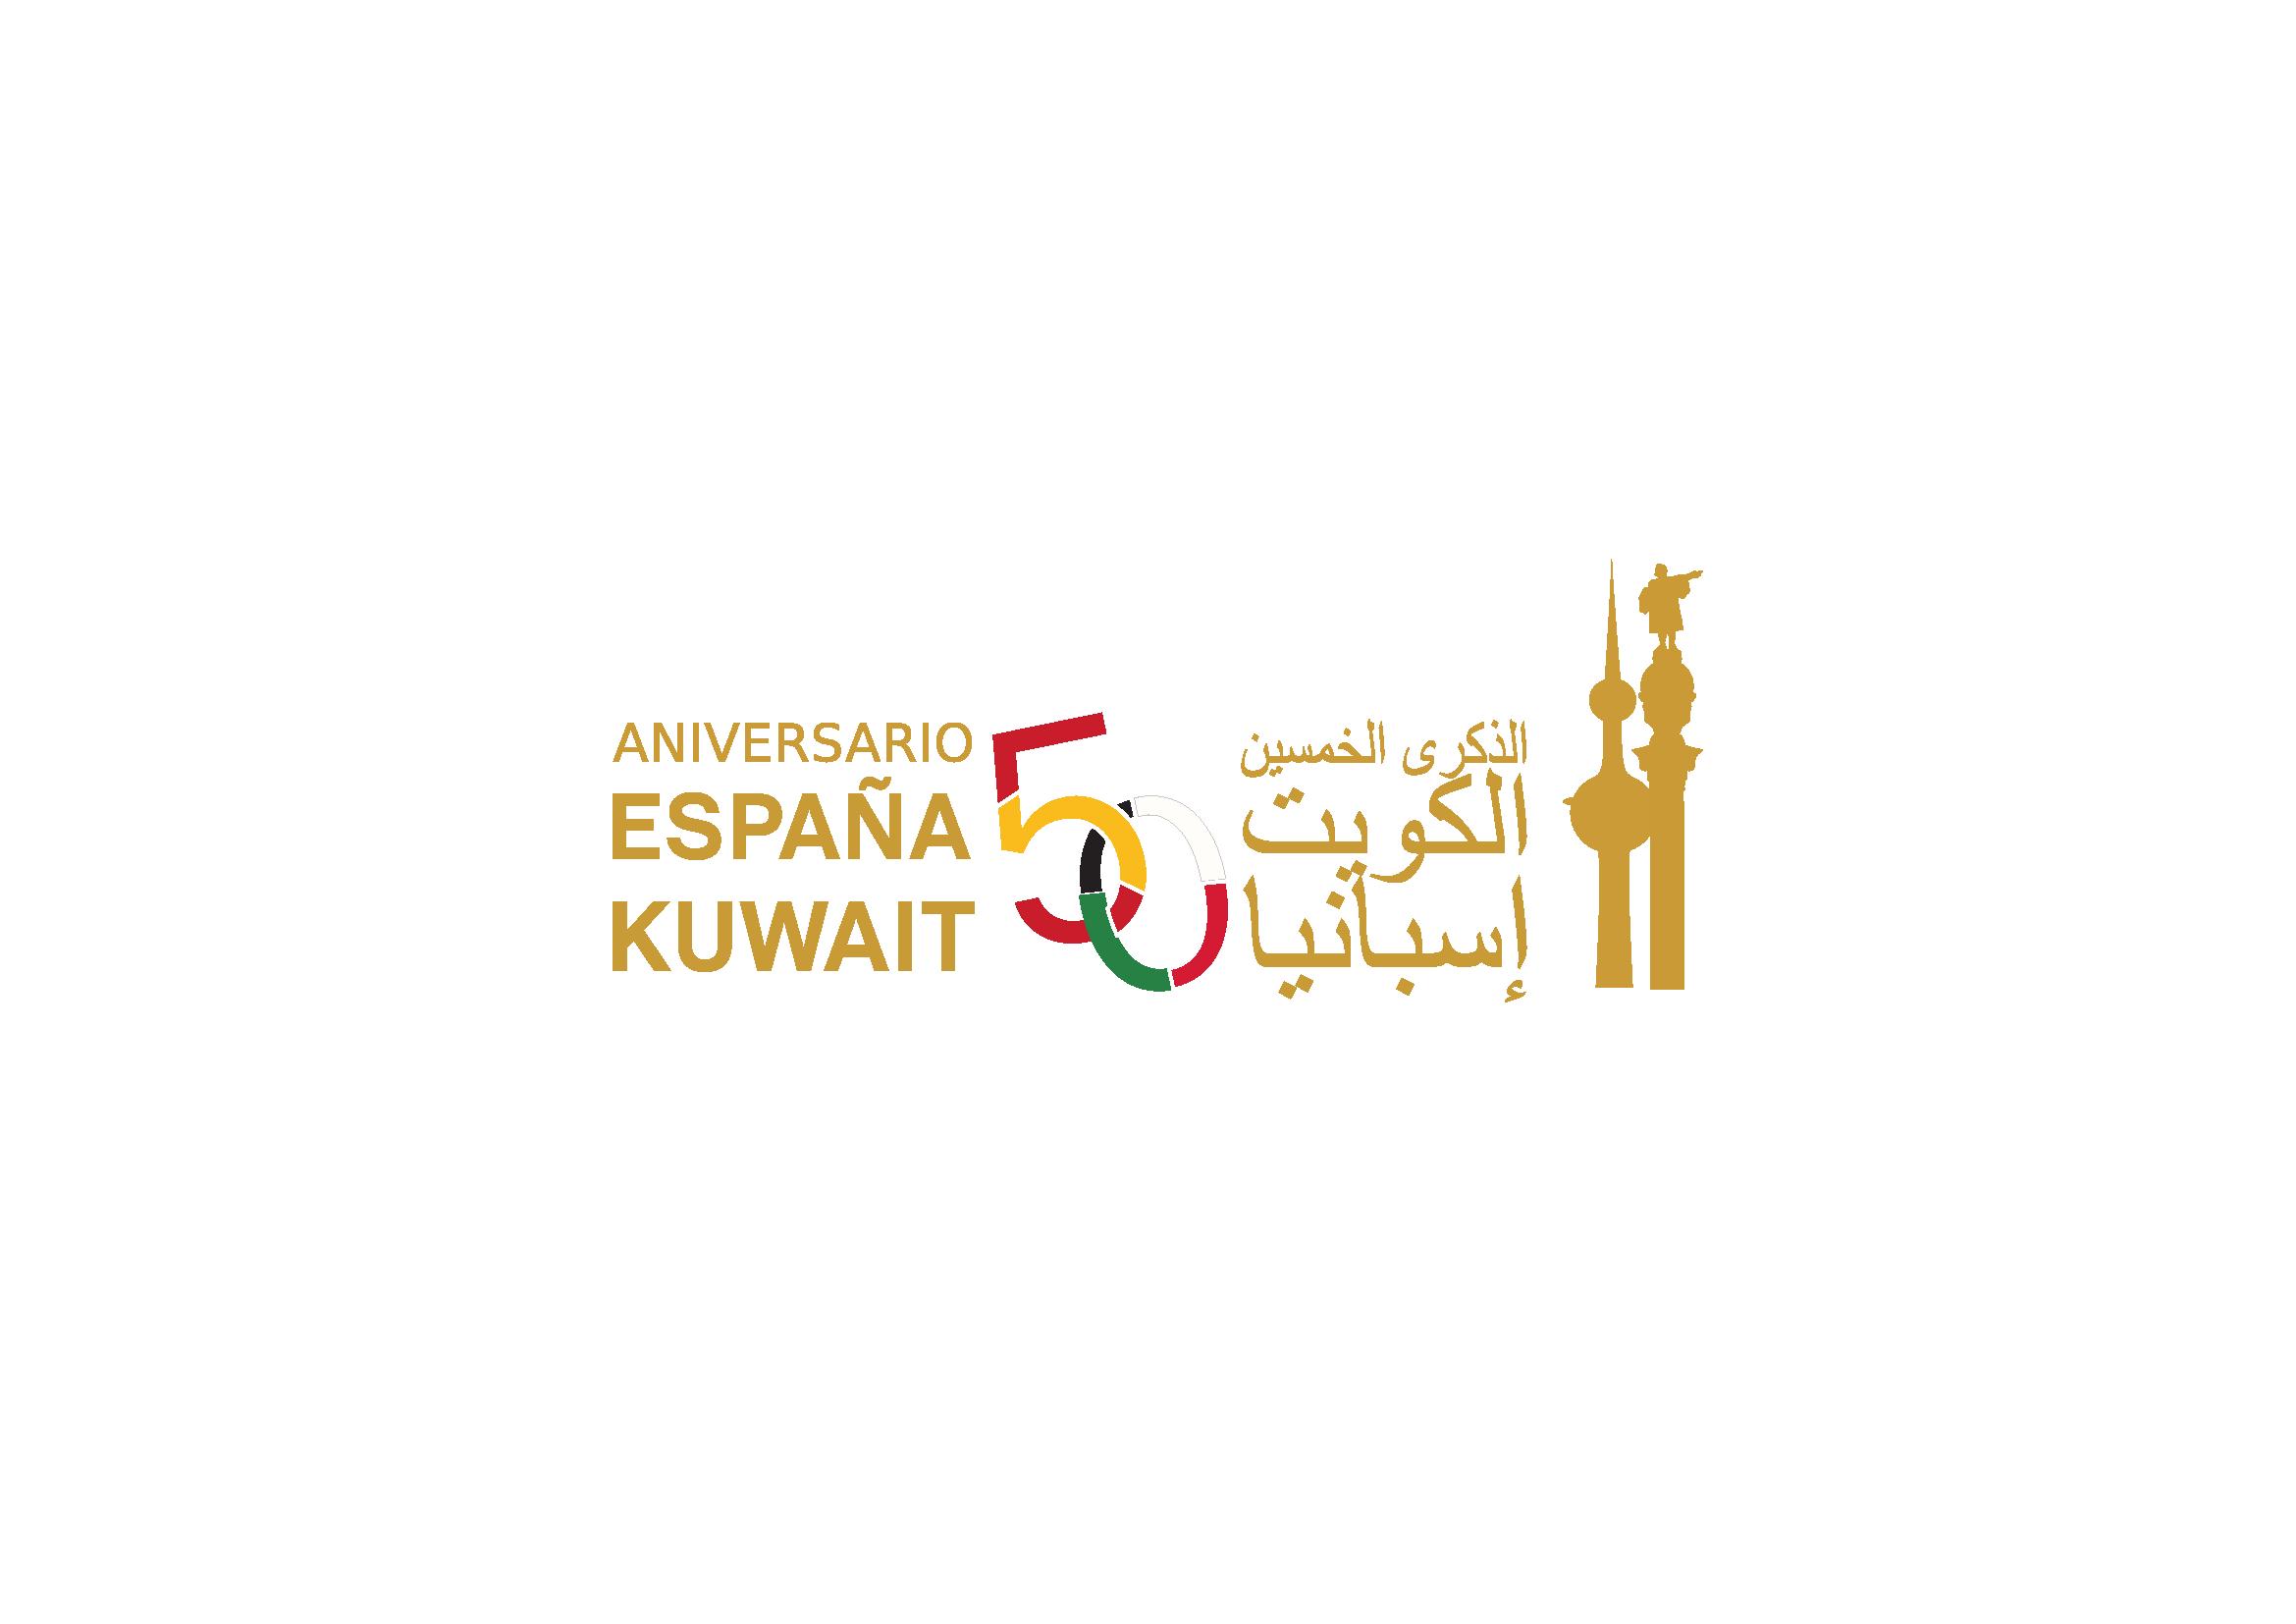 Logotipo del Aniversario